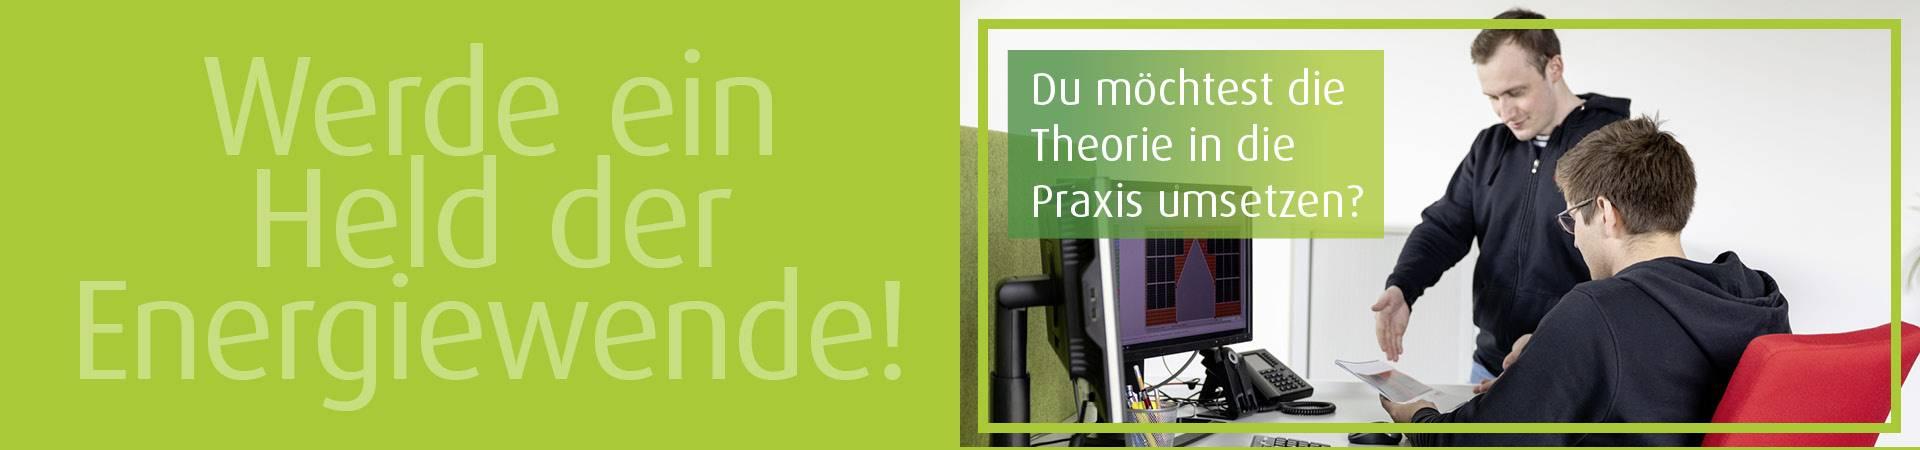 Praktikumsstelle Regenerative Energietechnik und Energieeffizienz Fürth